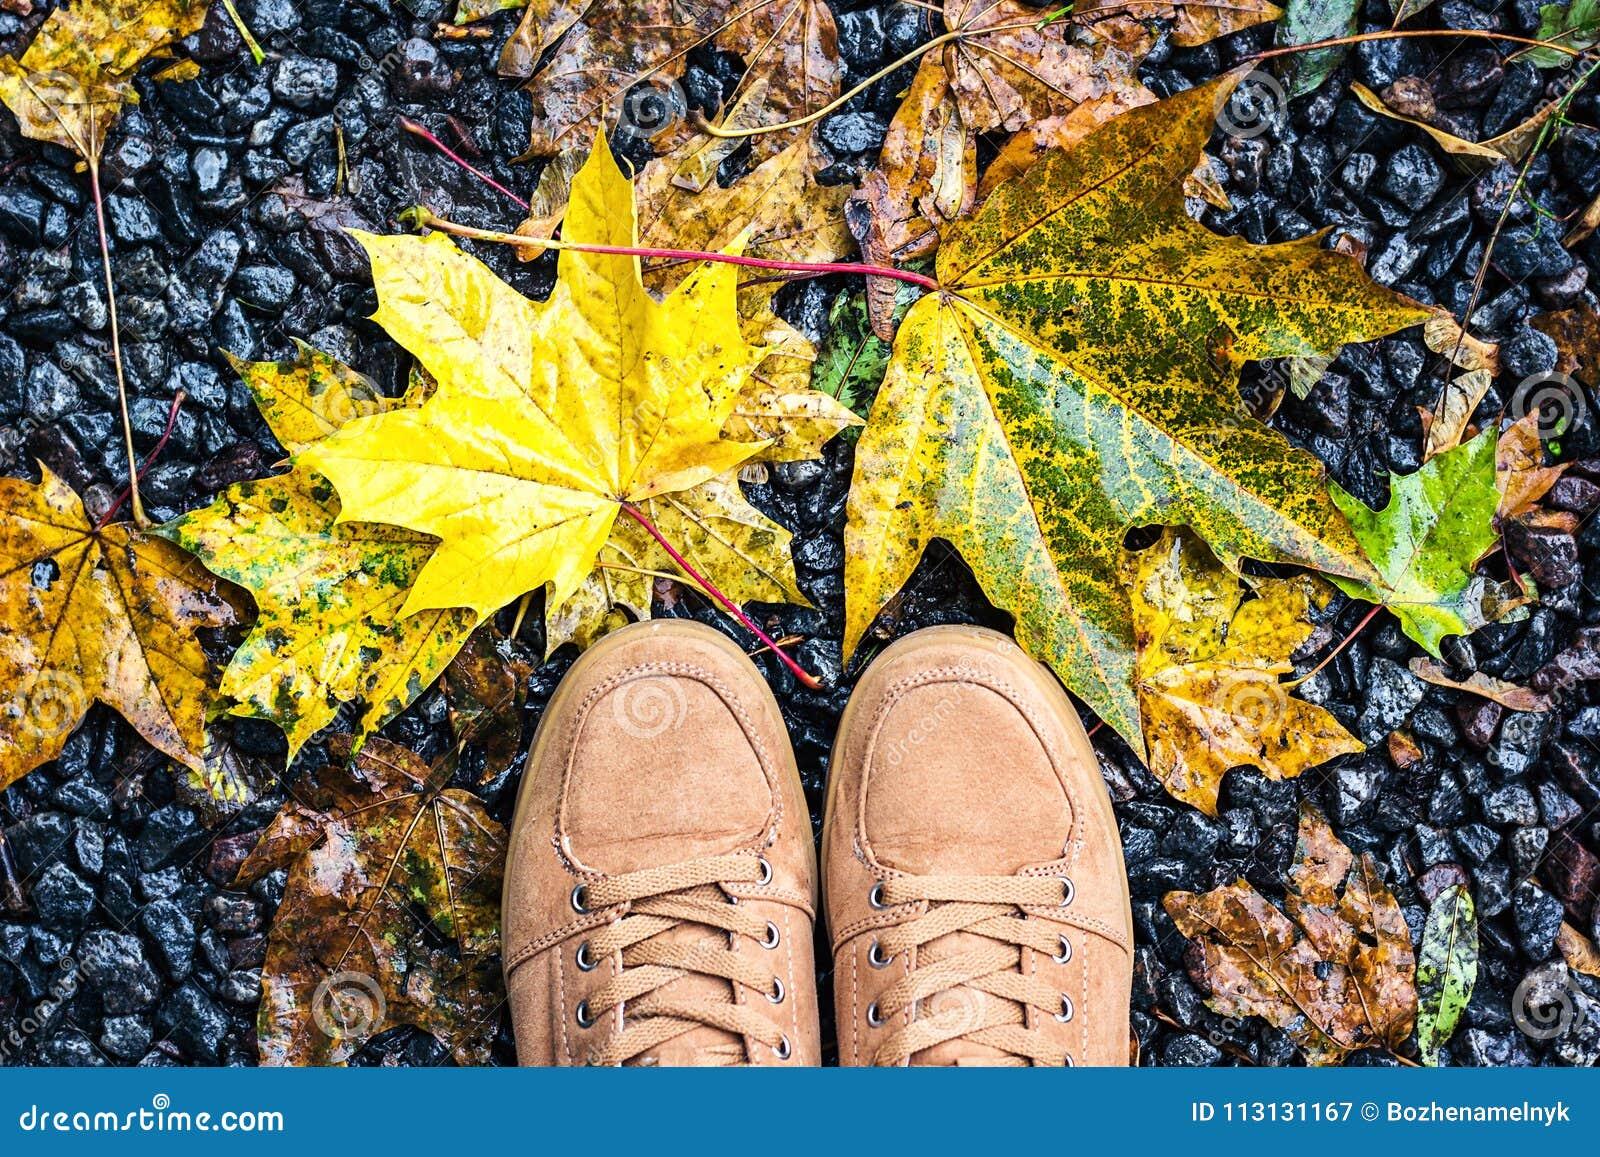 осень фото смотреть